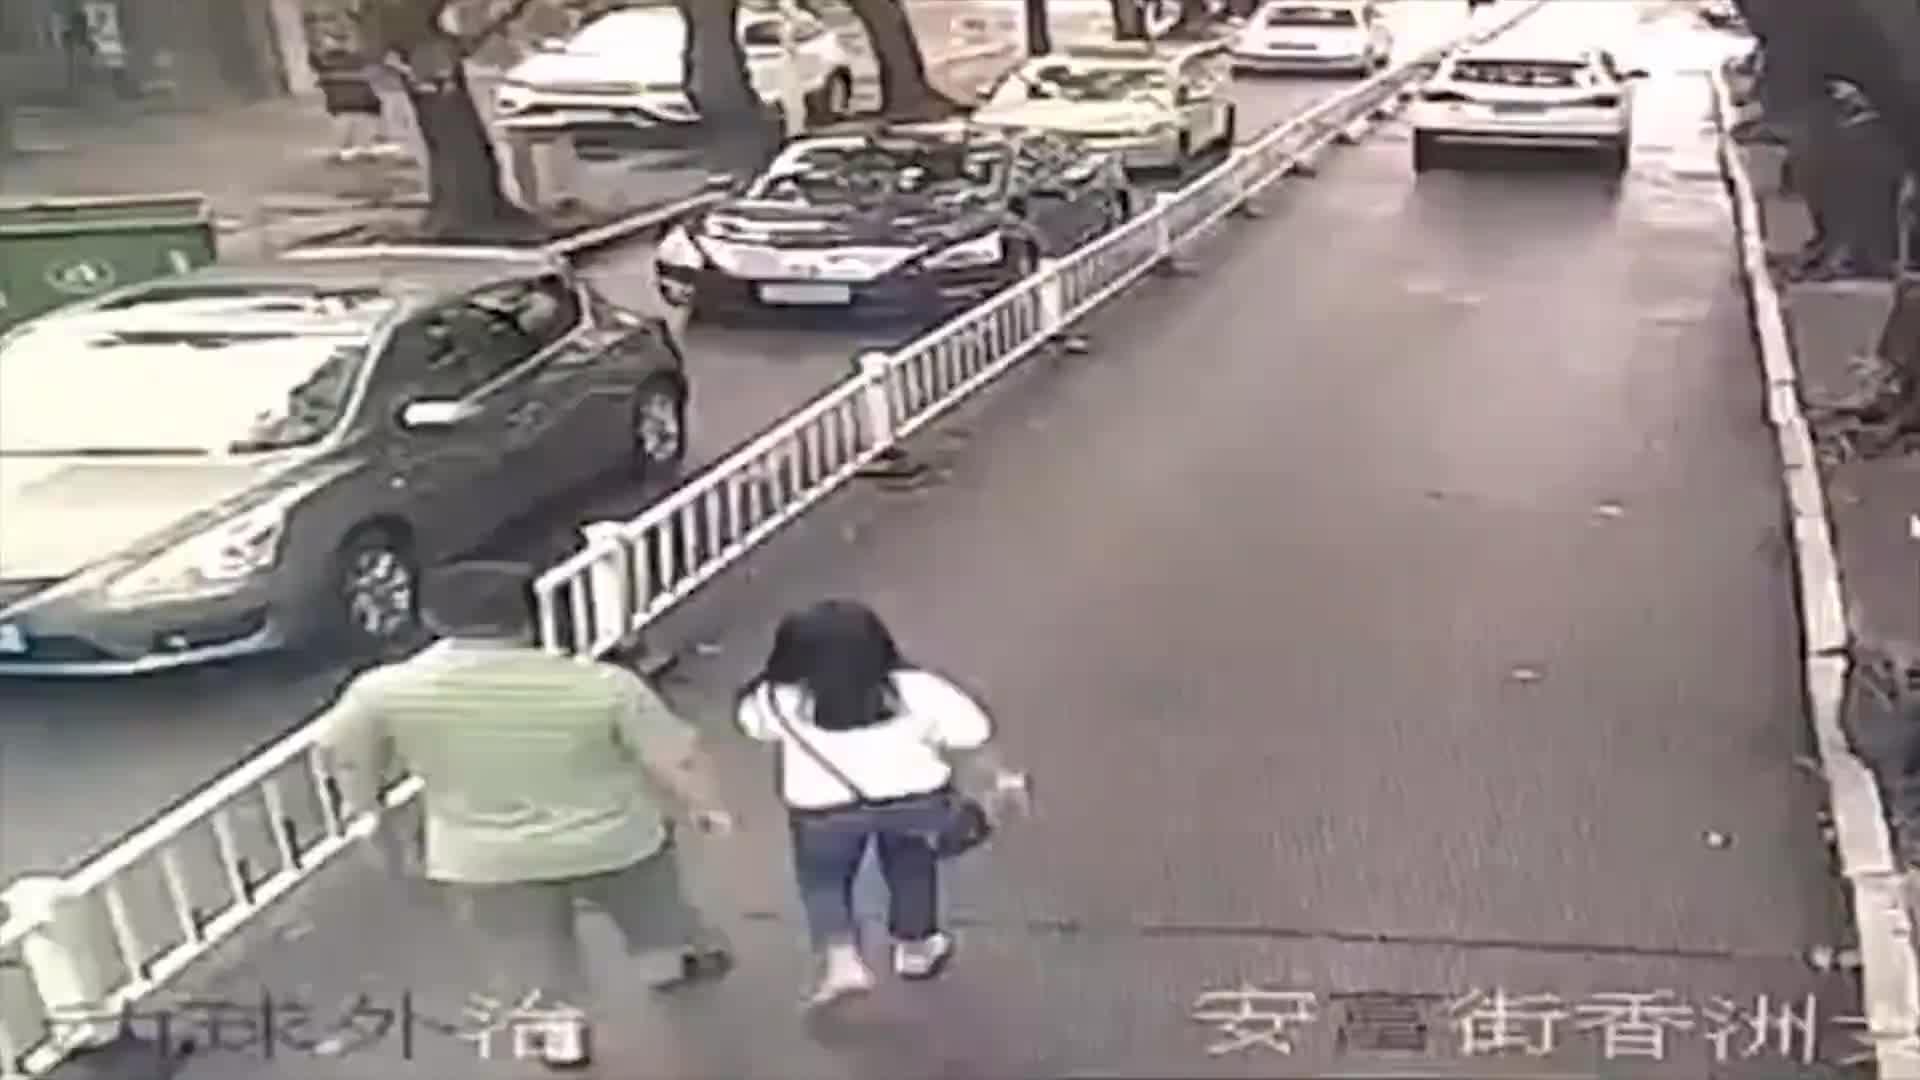 [视频]新手女司机倒车撞飞路人 男子狂奔侥幸躲过